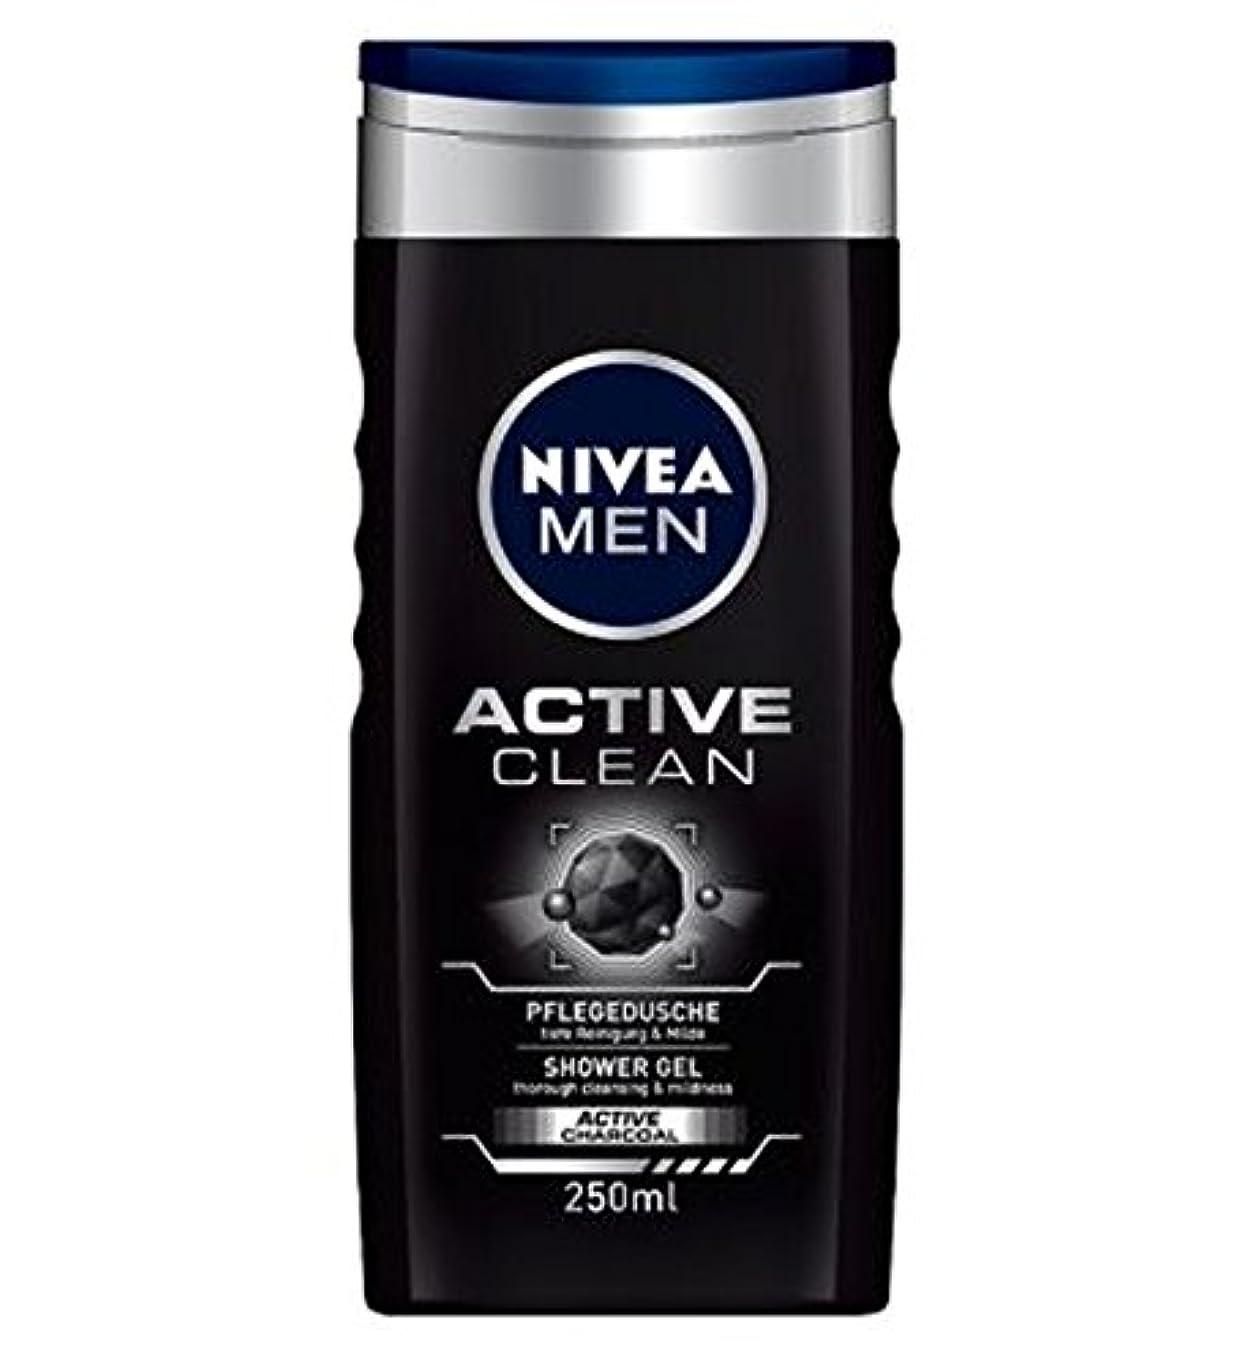 不正確入射減衰NIVEA MEN Active Clean Shower Gel 250ml - ニベアの男性アクティブクリーンシャワージェル250ミリリットル (Nivea) [並行輸入品]